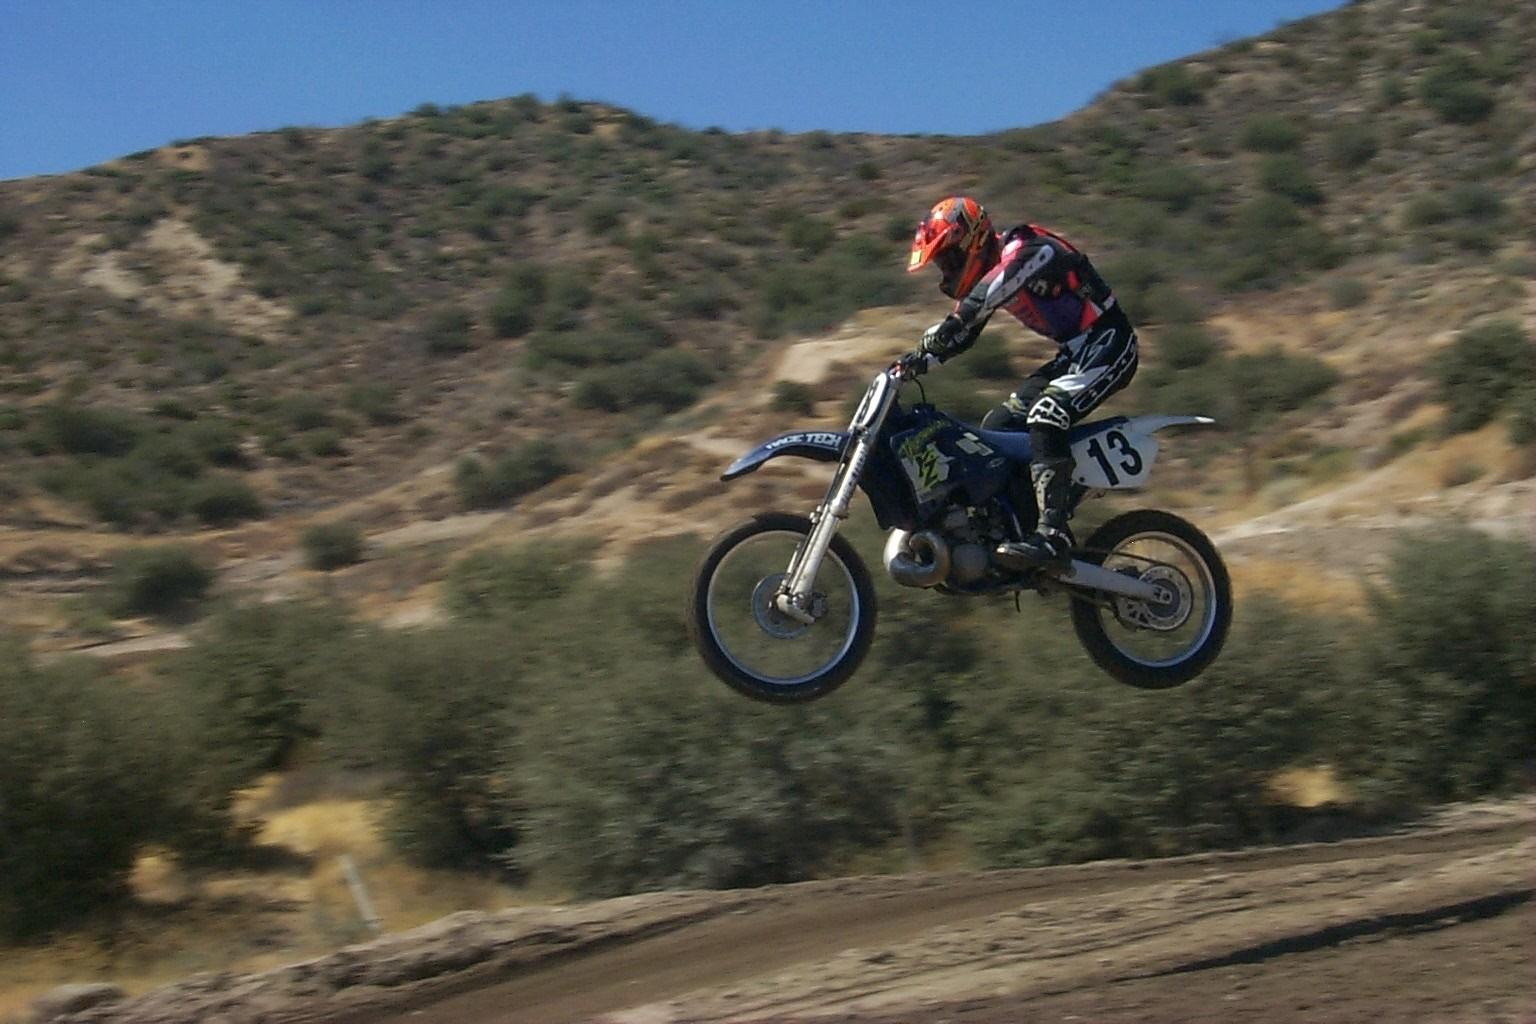 P13-6451 - MXR2NV - Motocross Pictures - Vital MX